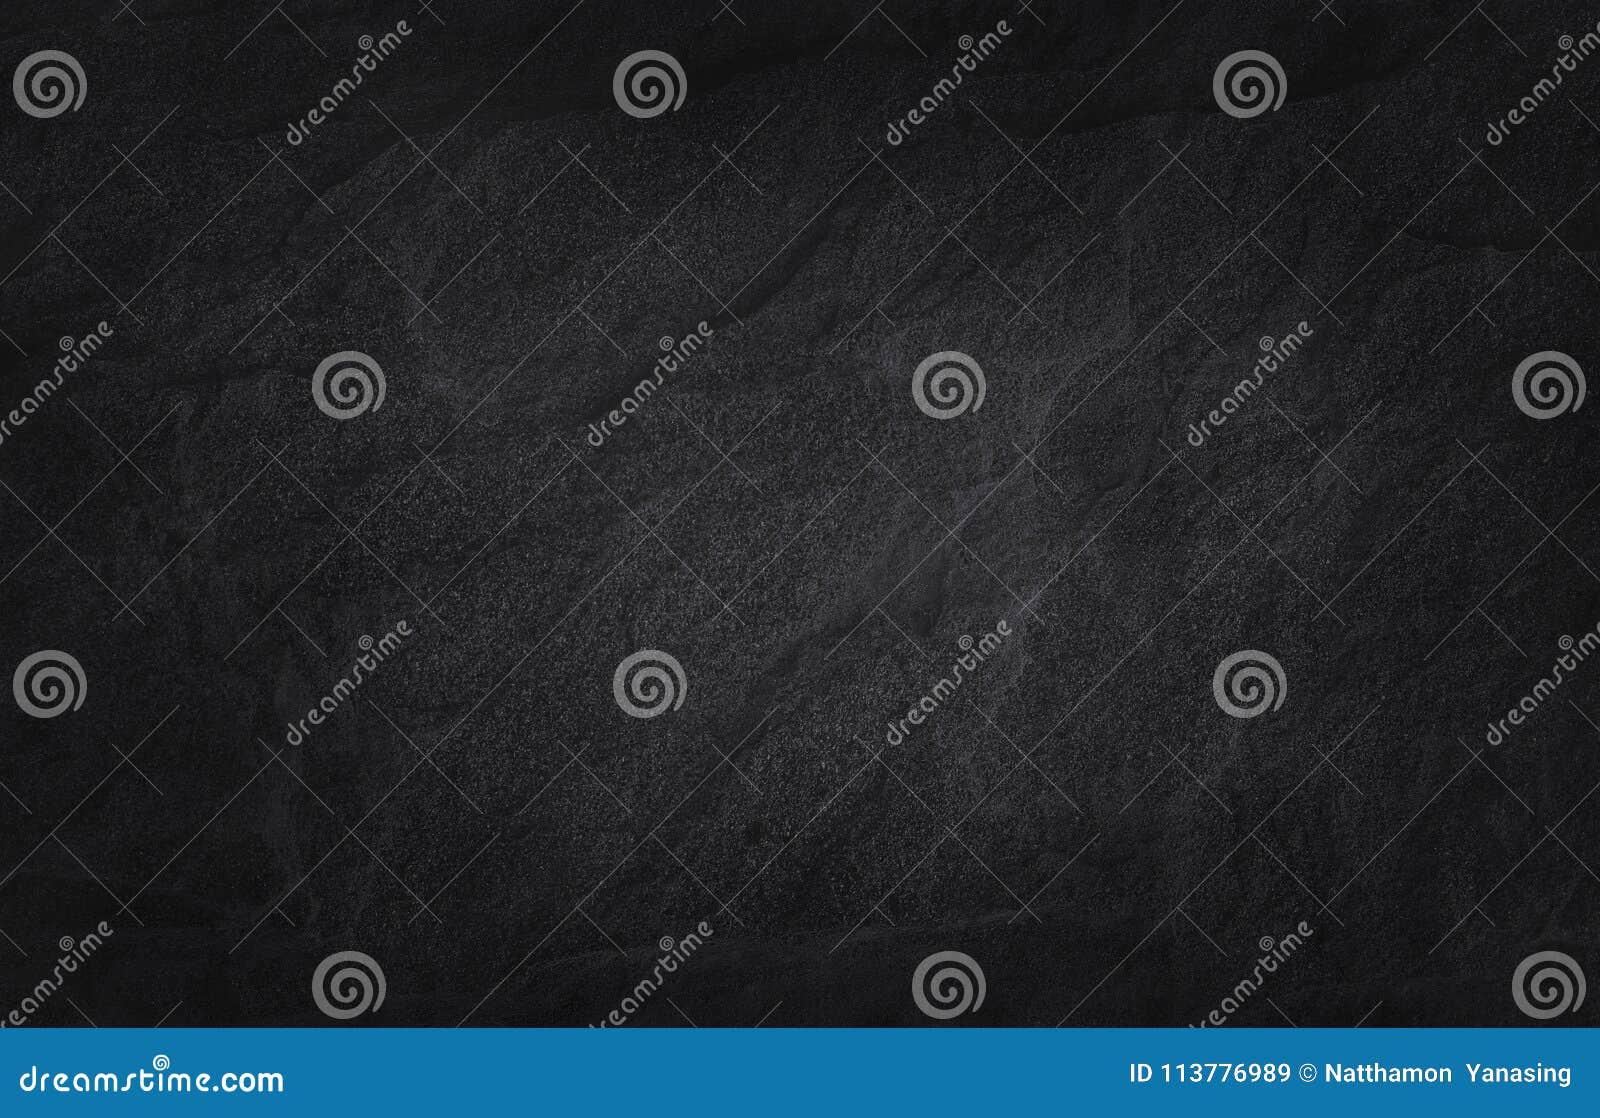 Dunkelgraue schwarze Schieferbeschaffenheit im natürlichen Muster Schwarze Steinwand